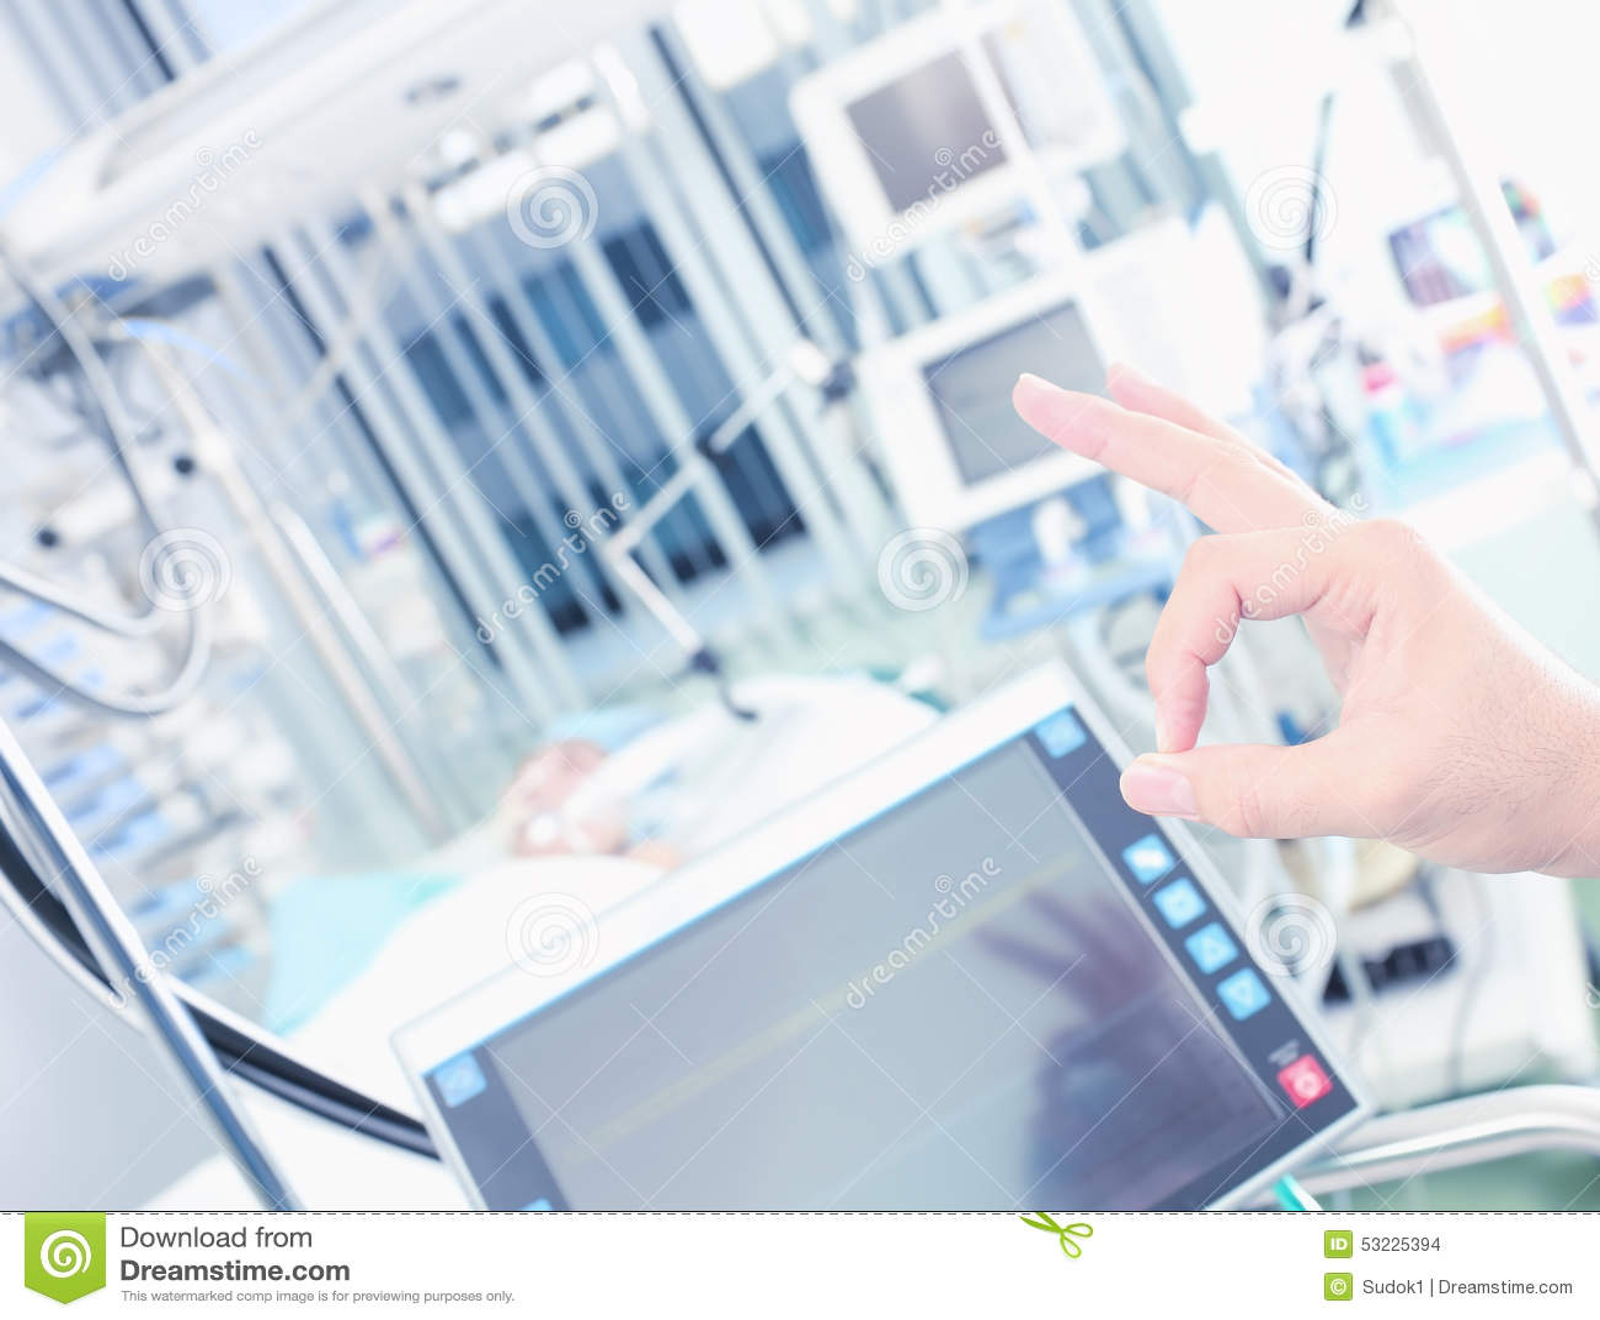 Tratamiento acertado de la mano aceptable del doctor